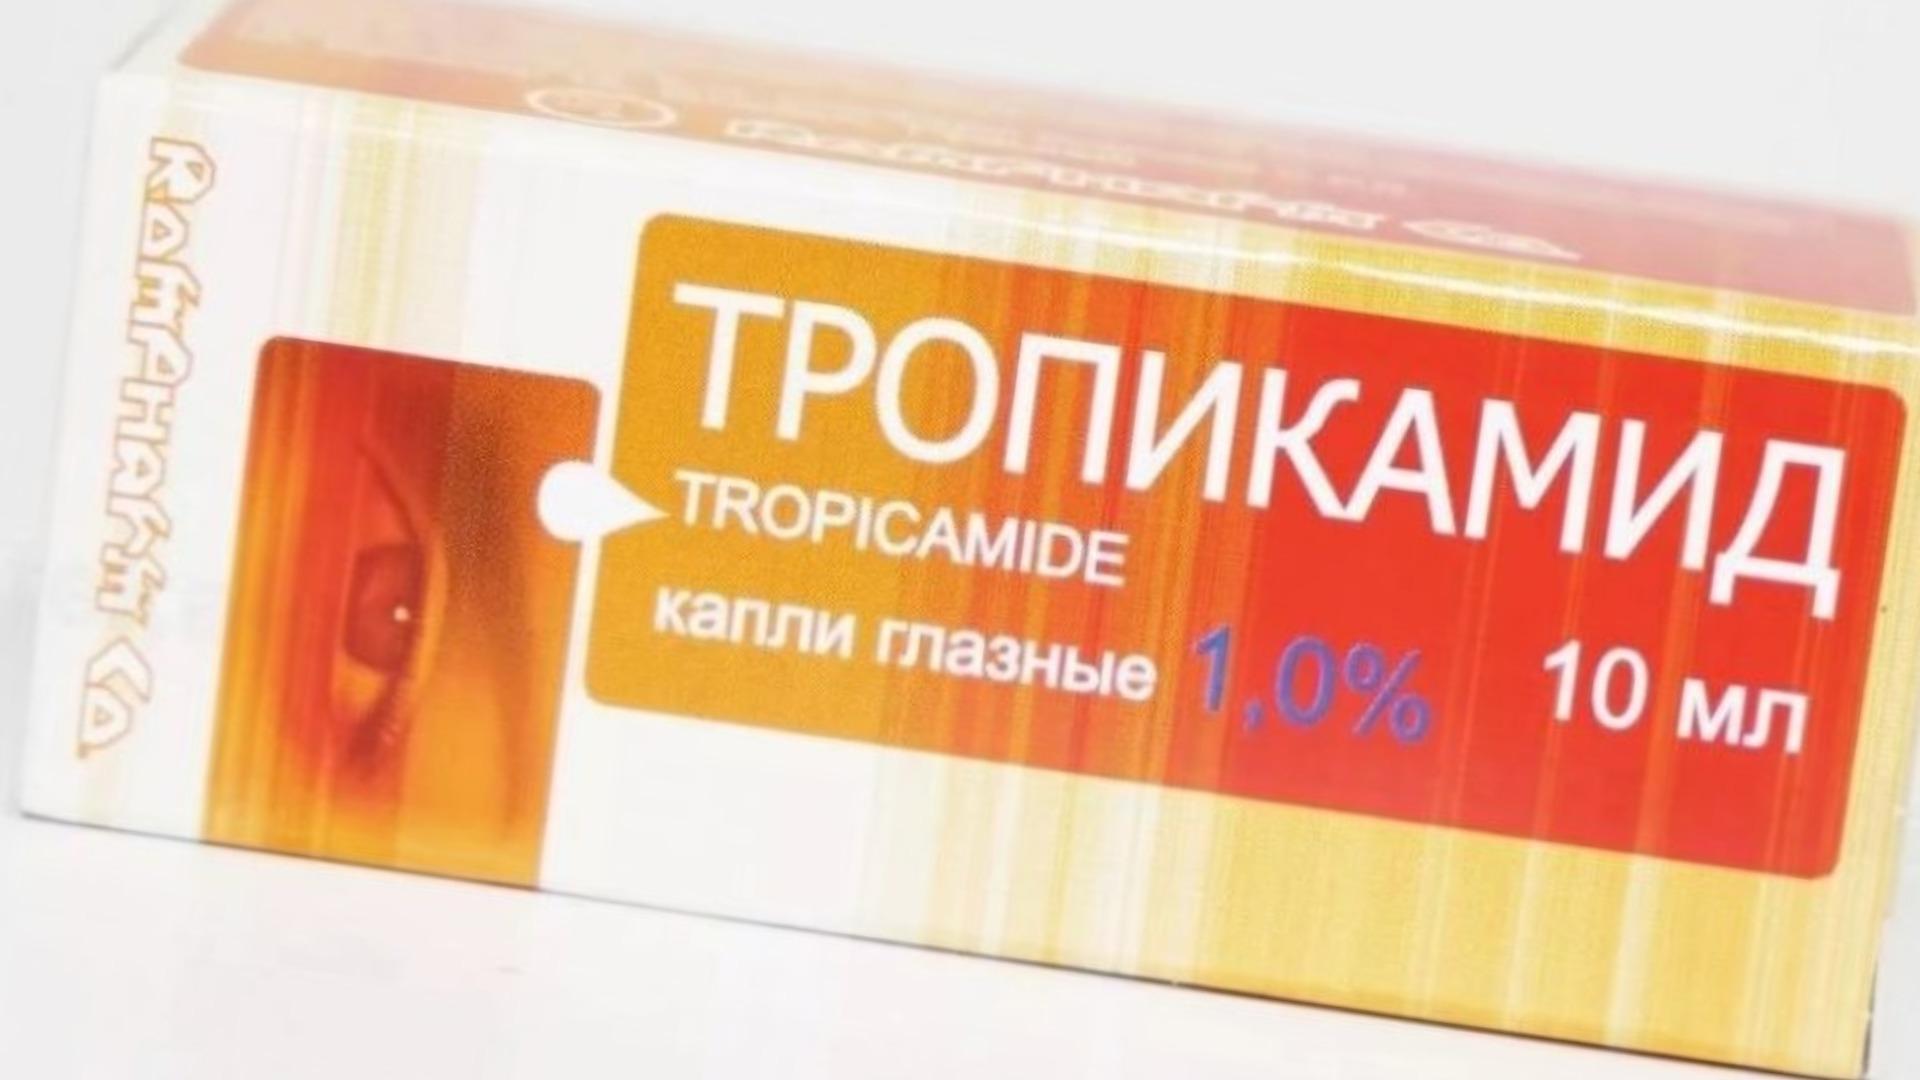 Как наркоманы употребляют Тропикамид? Почему это опасно?